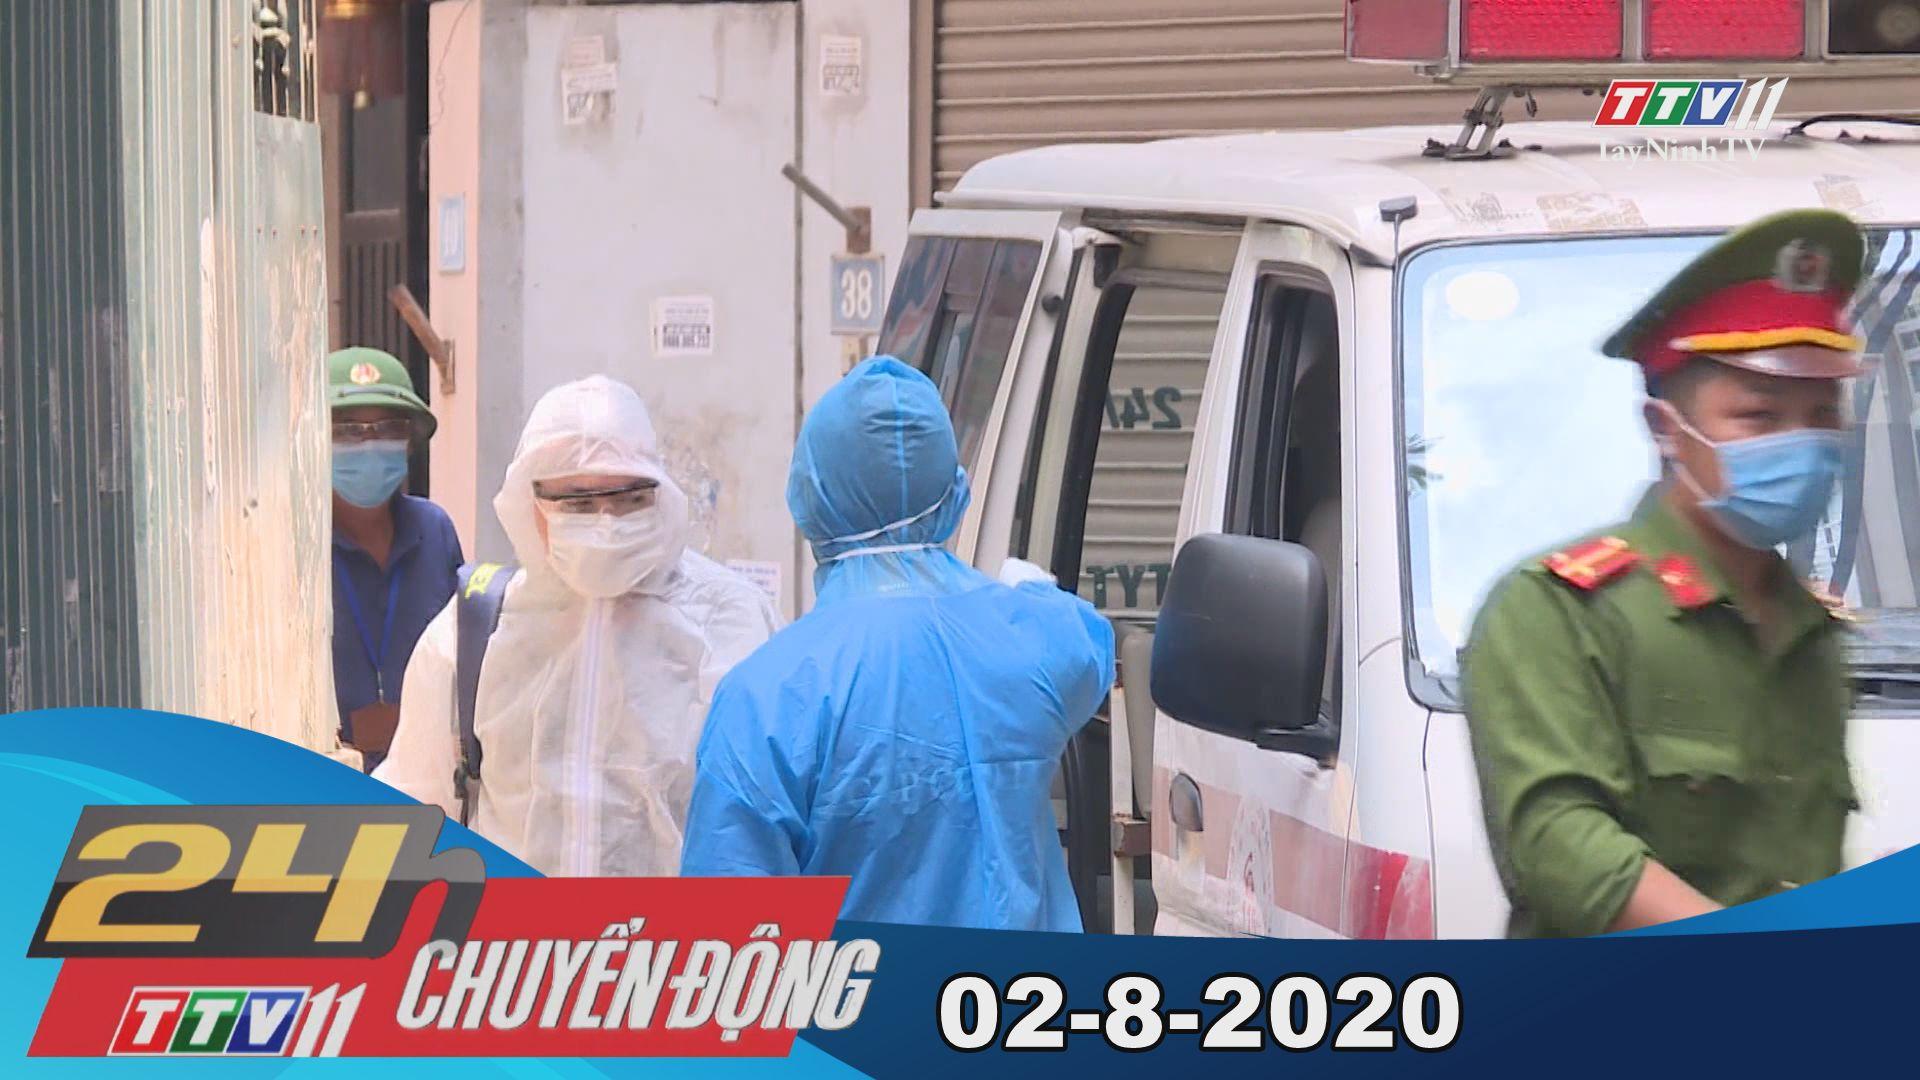 24h Chuyển động 02-8-2020 | Tin tức hôm nay | TayNinhTV